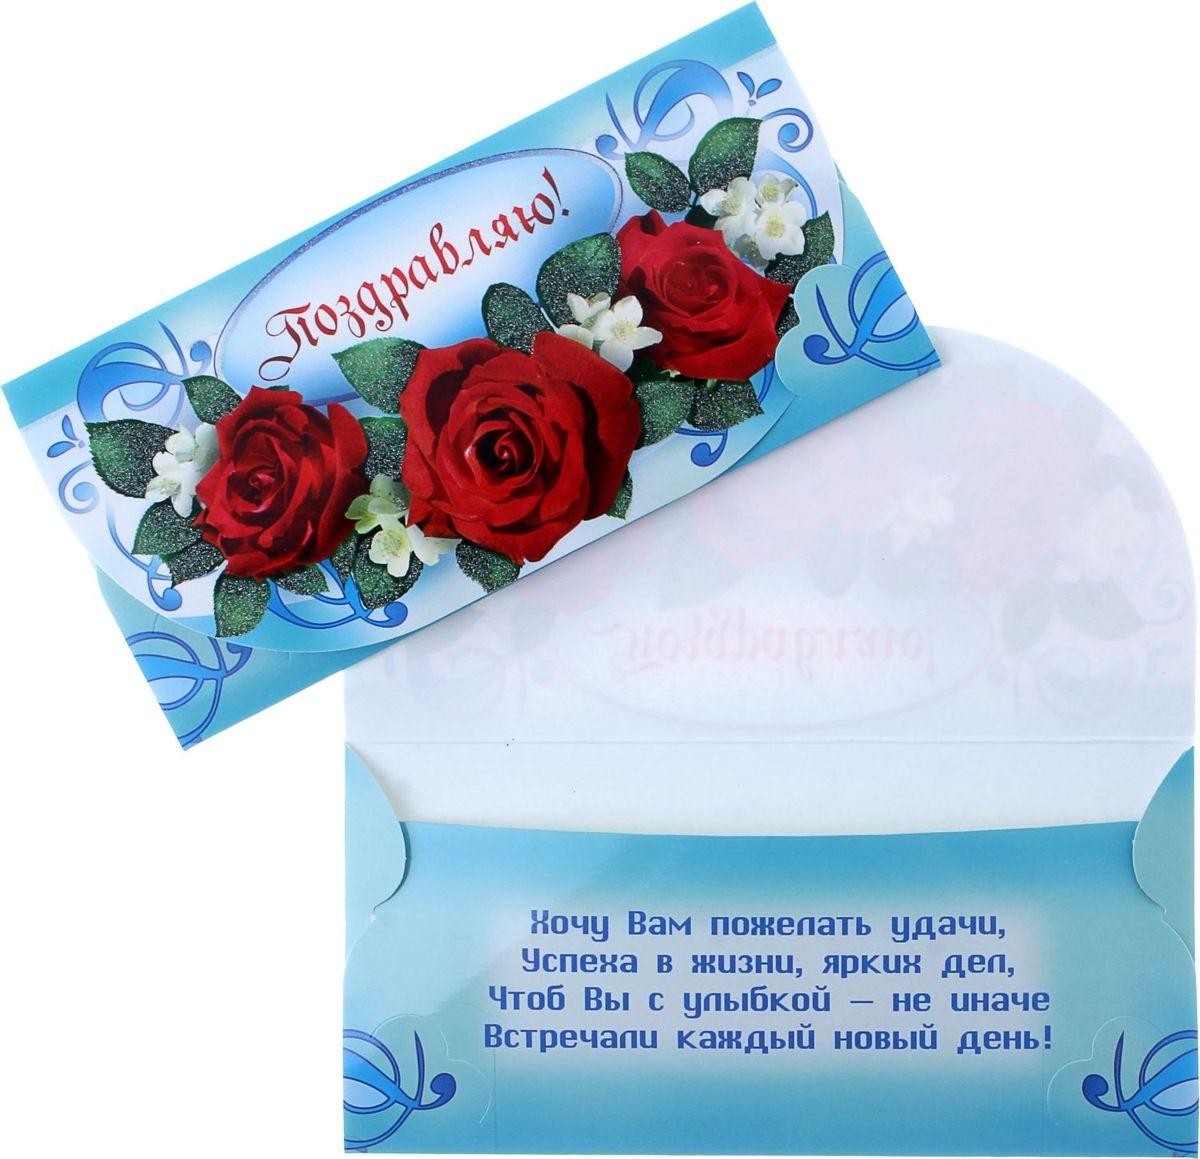 Конверт для денег Фокскард Поздравляю! Три розы красные, 17 х 8 см515811Невозможно представить нашу жизнь без праздников! Мы всегда ждём их и предвкушаем, обдумываем, как проведём памятный день, тщательно выбираем подарки и аксессуары, ведь именно они создают и поддерживают торжественный настрой. Этот конверт - отличный выбор, который привнесёт атмосферу праздника в ваш дом!